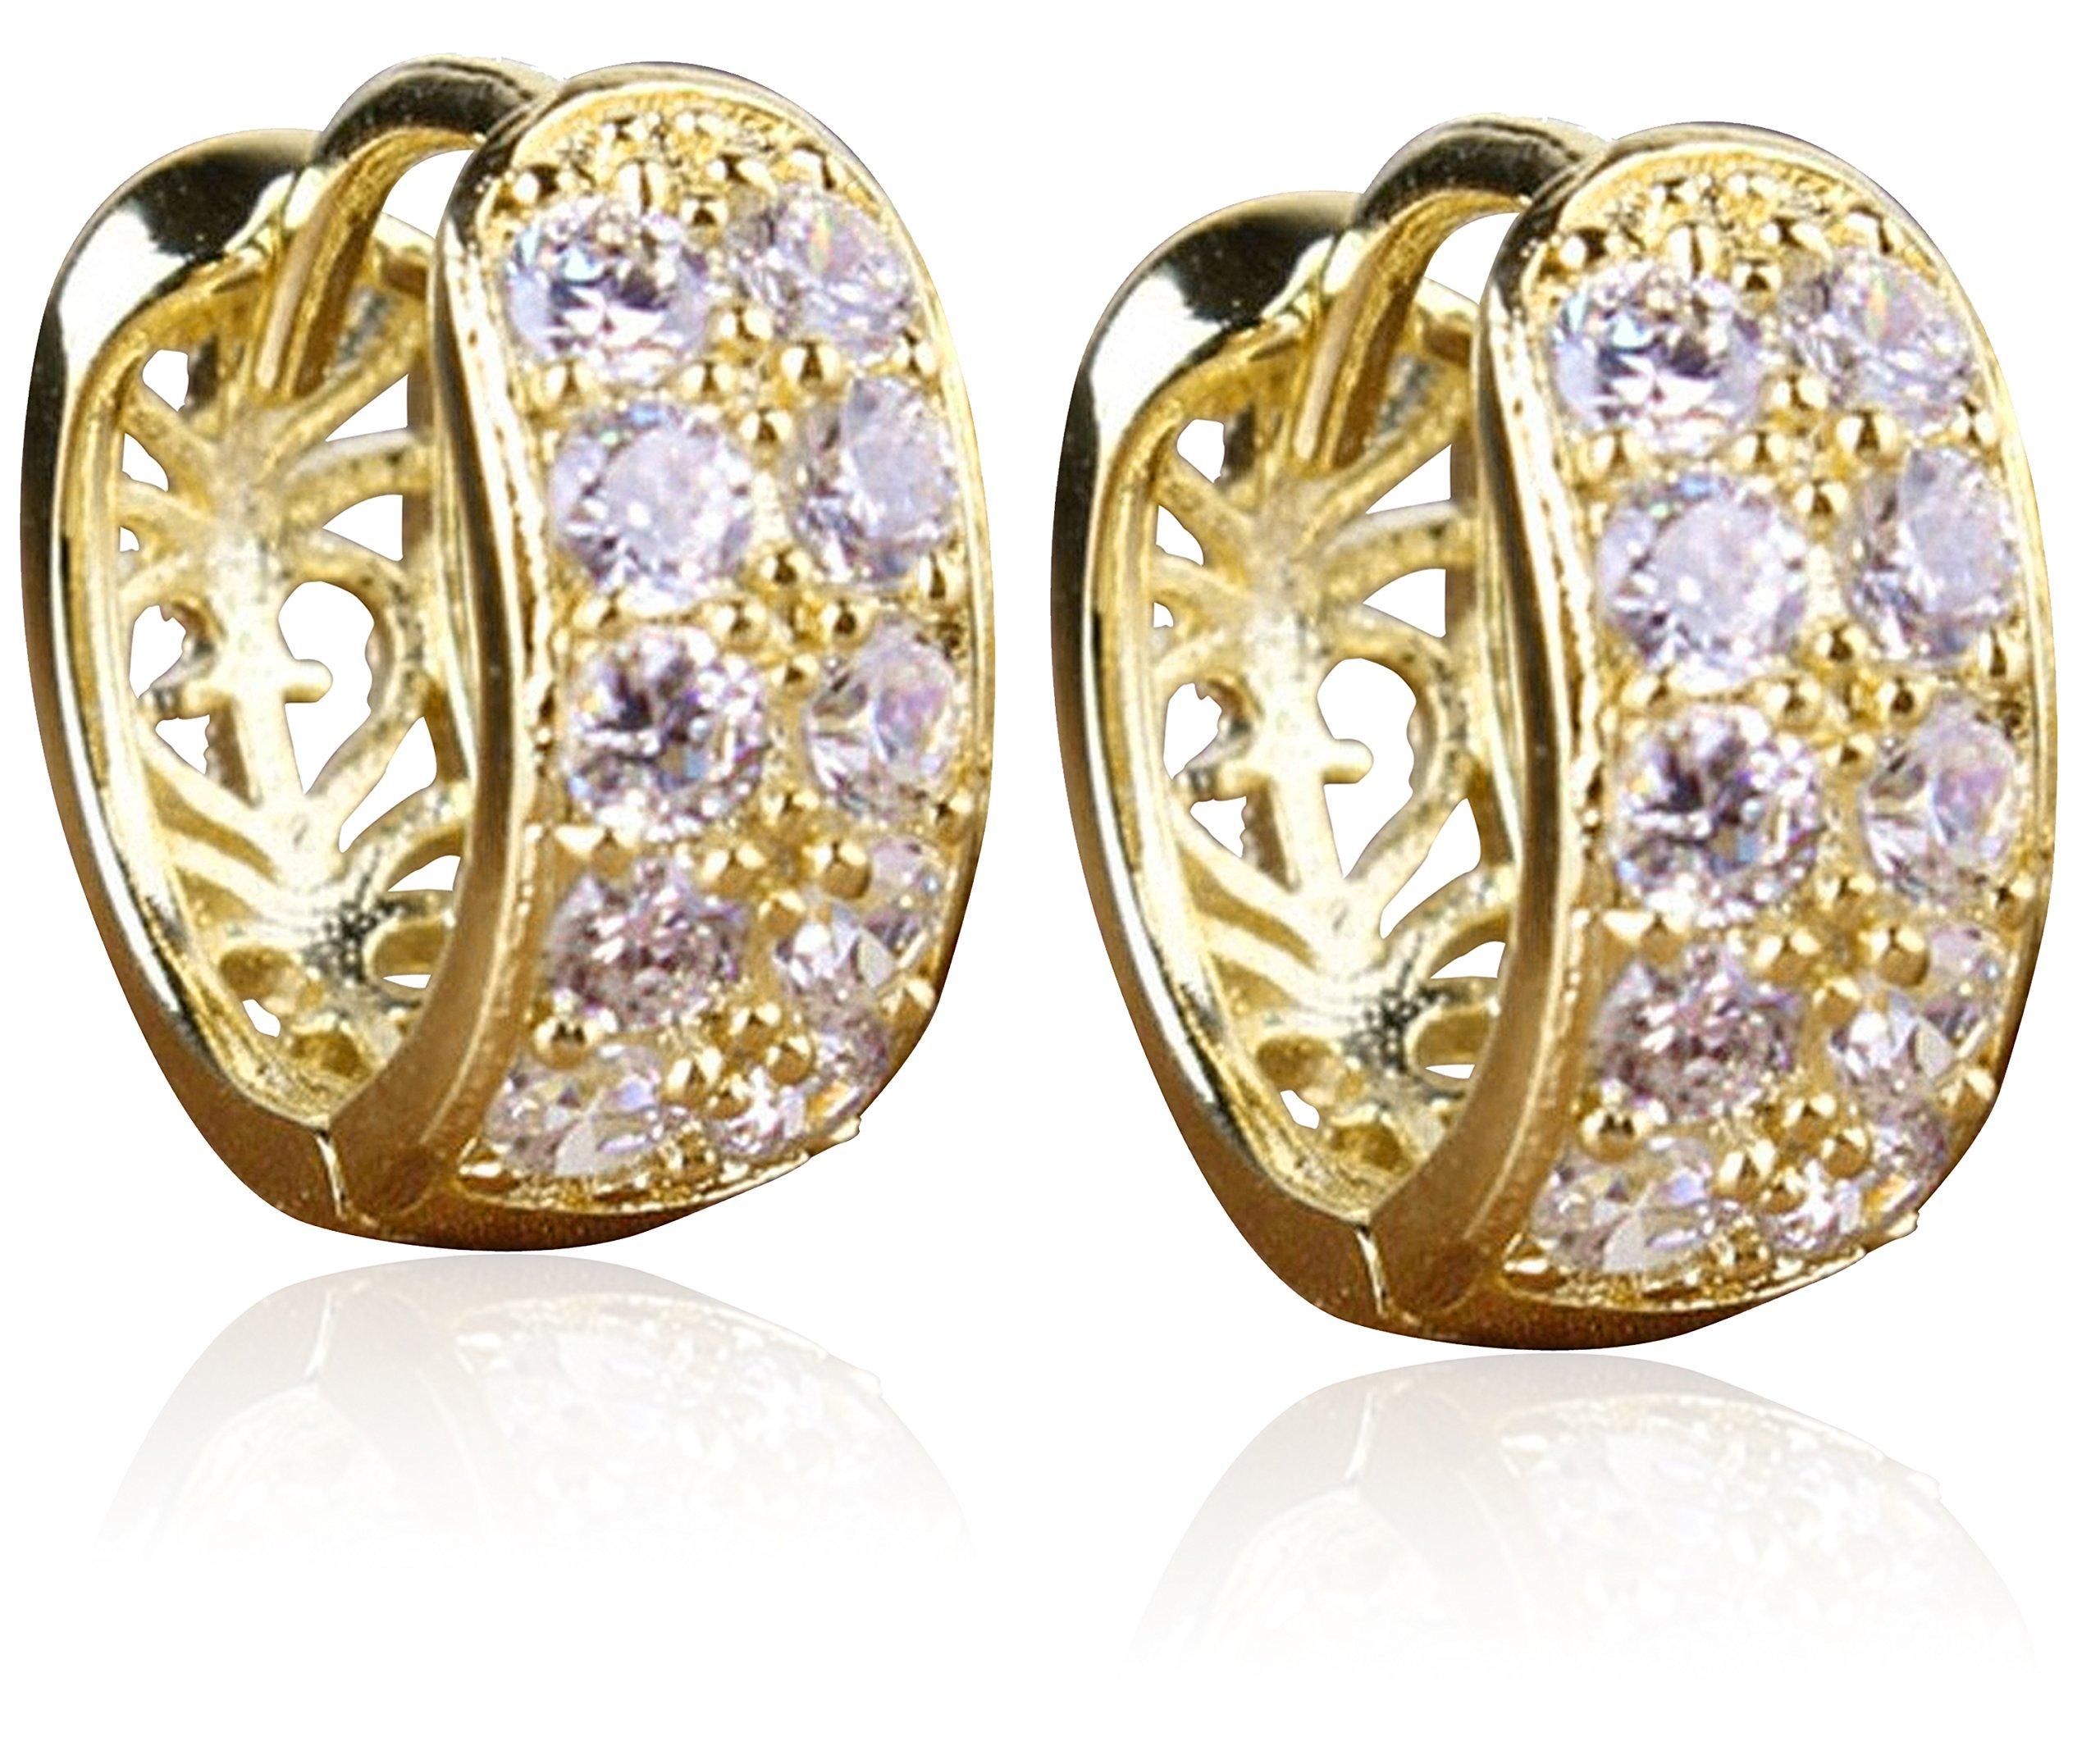 Womens Gold Plated Hoop Earrings Huggie Loop Earrings Hollow Out Flower Crystal 18k Gold 925 Sterling Silver Earnuts